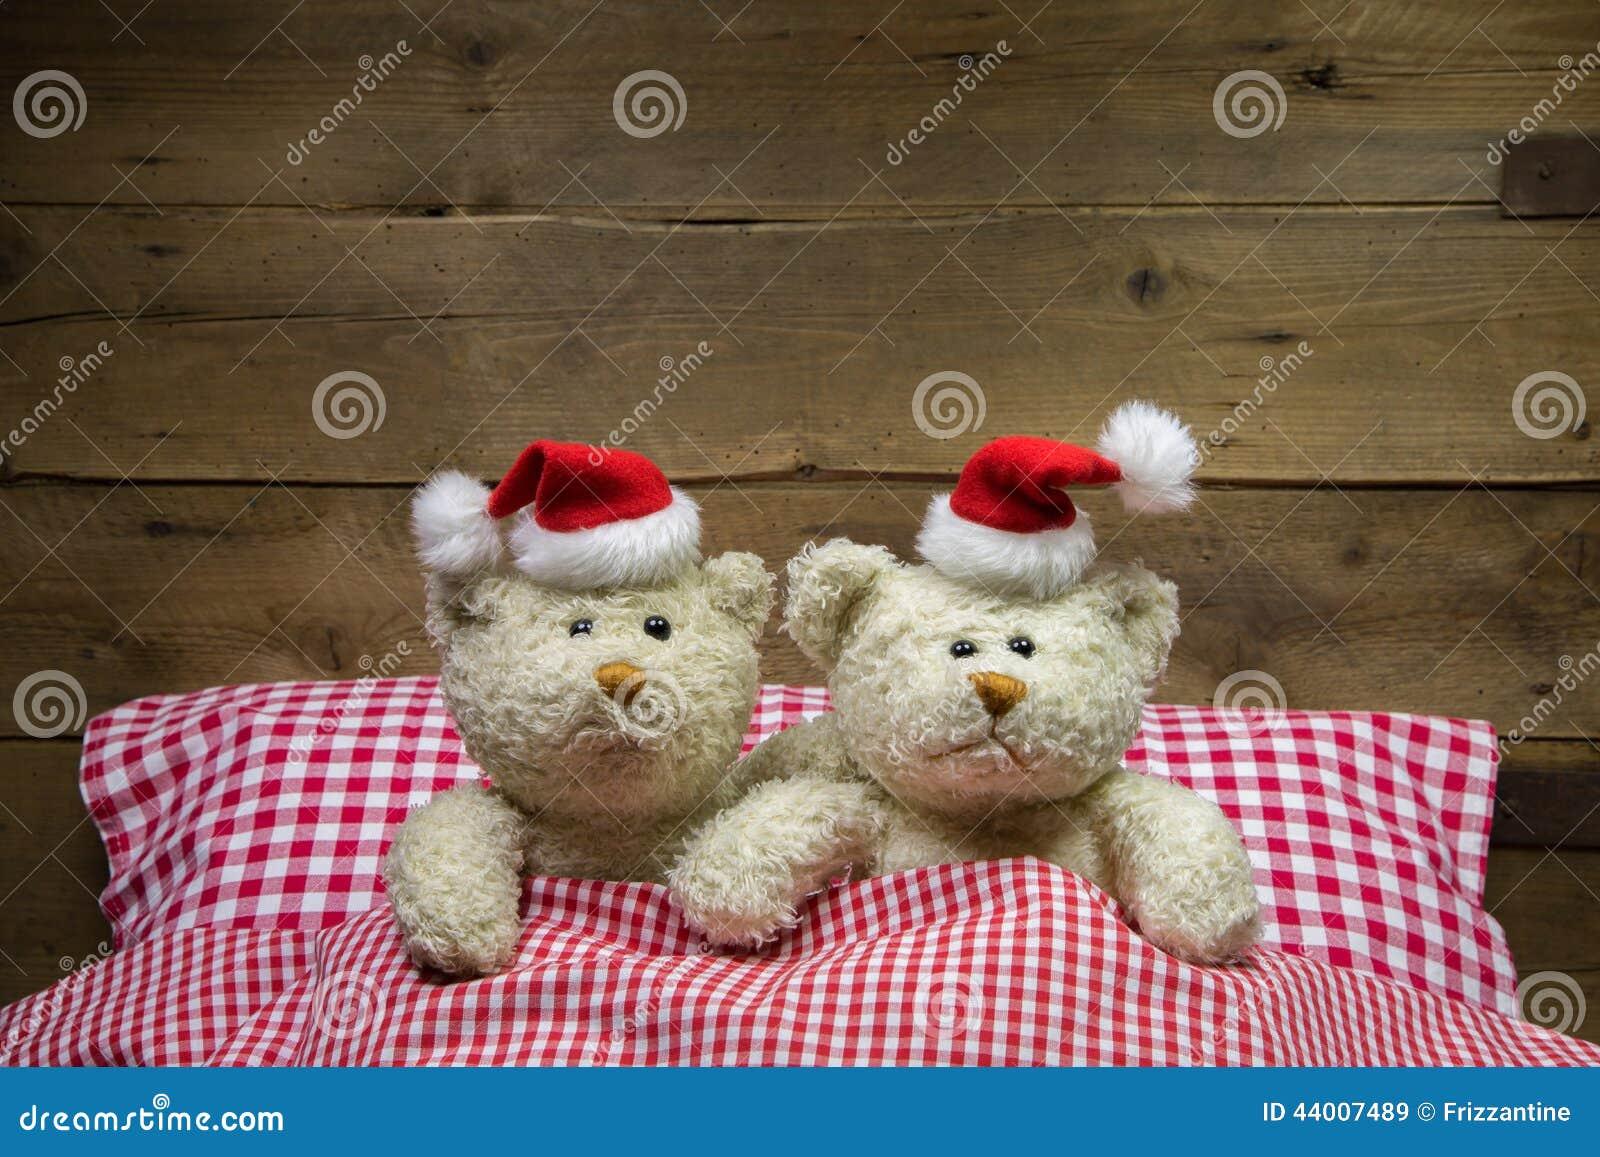 El peluche dos refiere Nochebuena: idea para una tarjeta de felicitación divertida